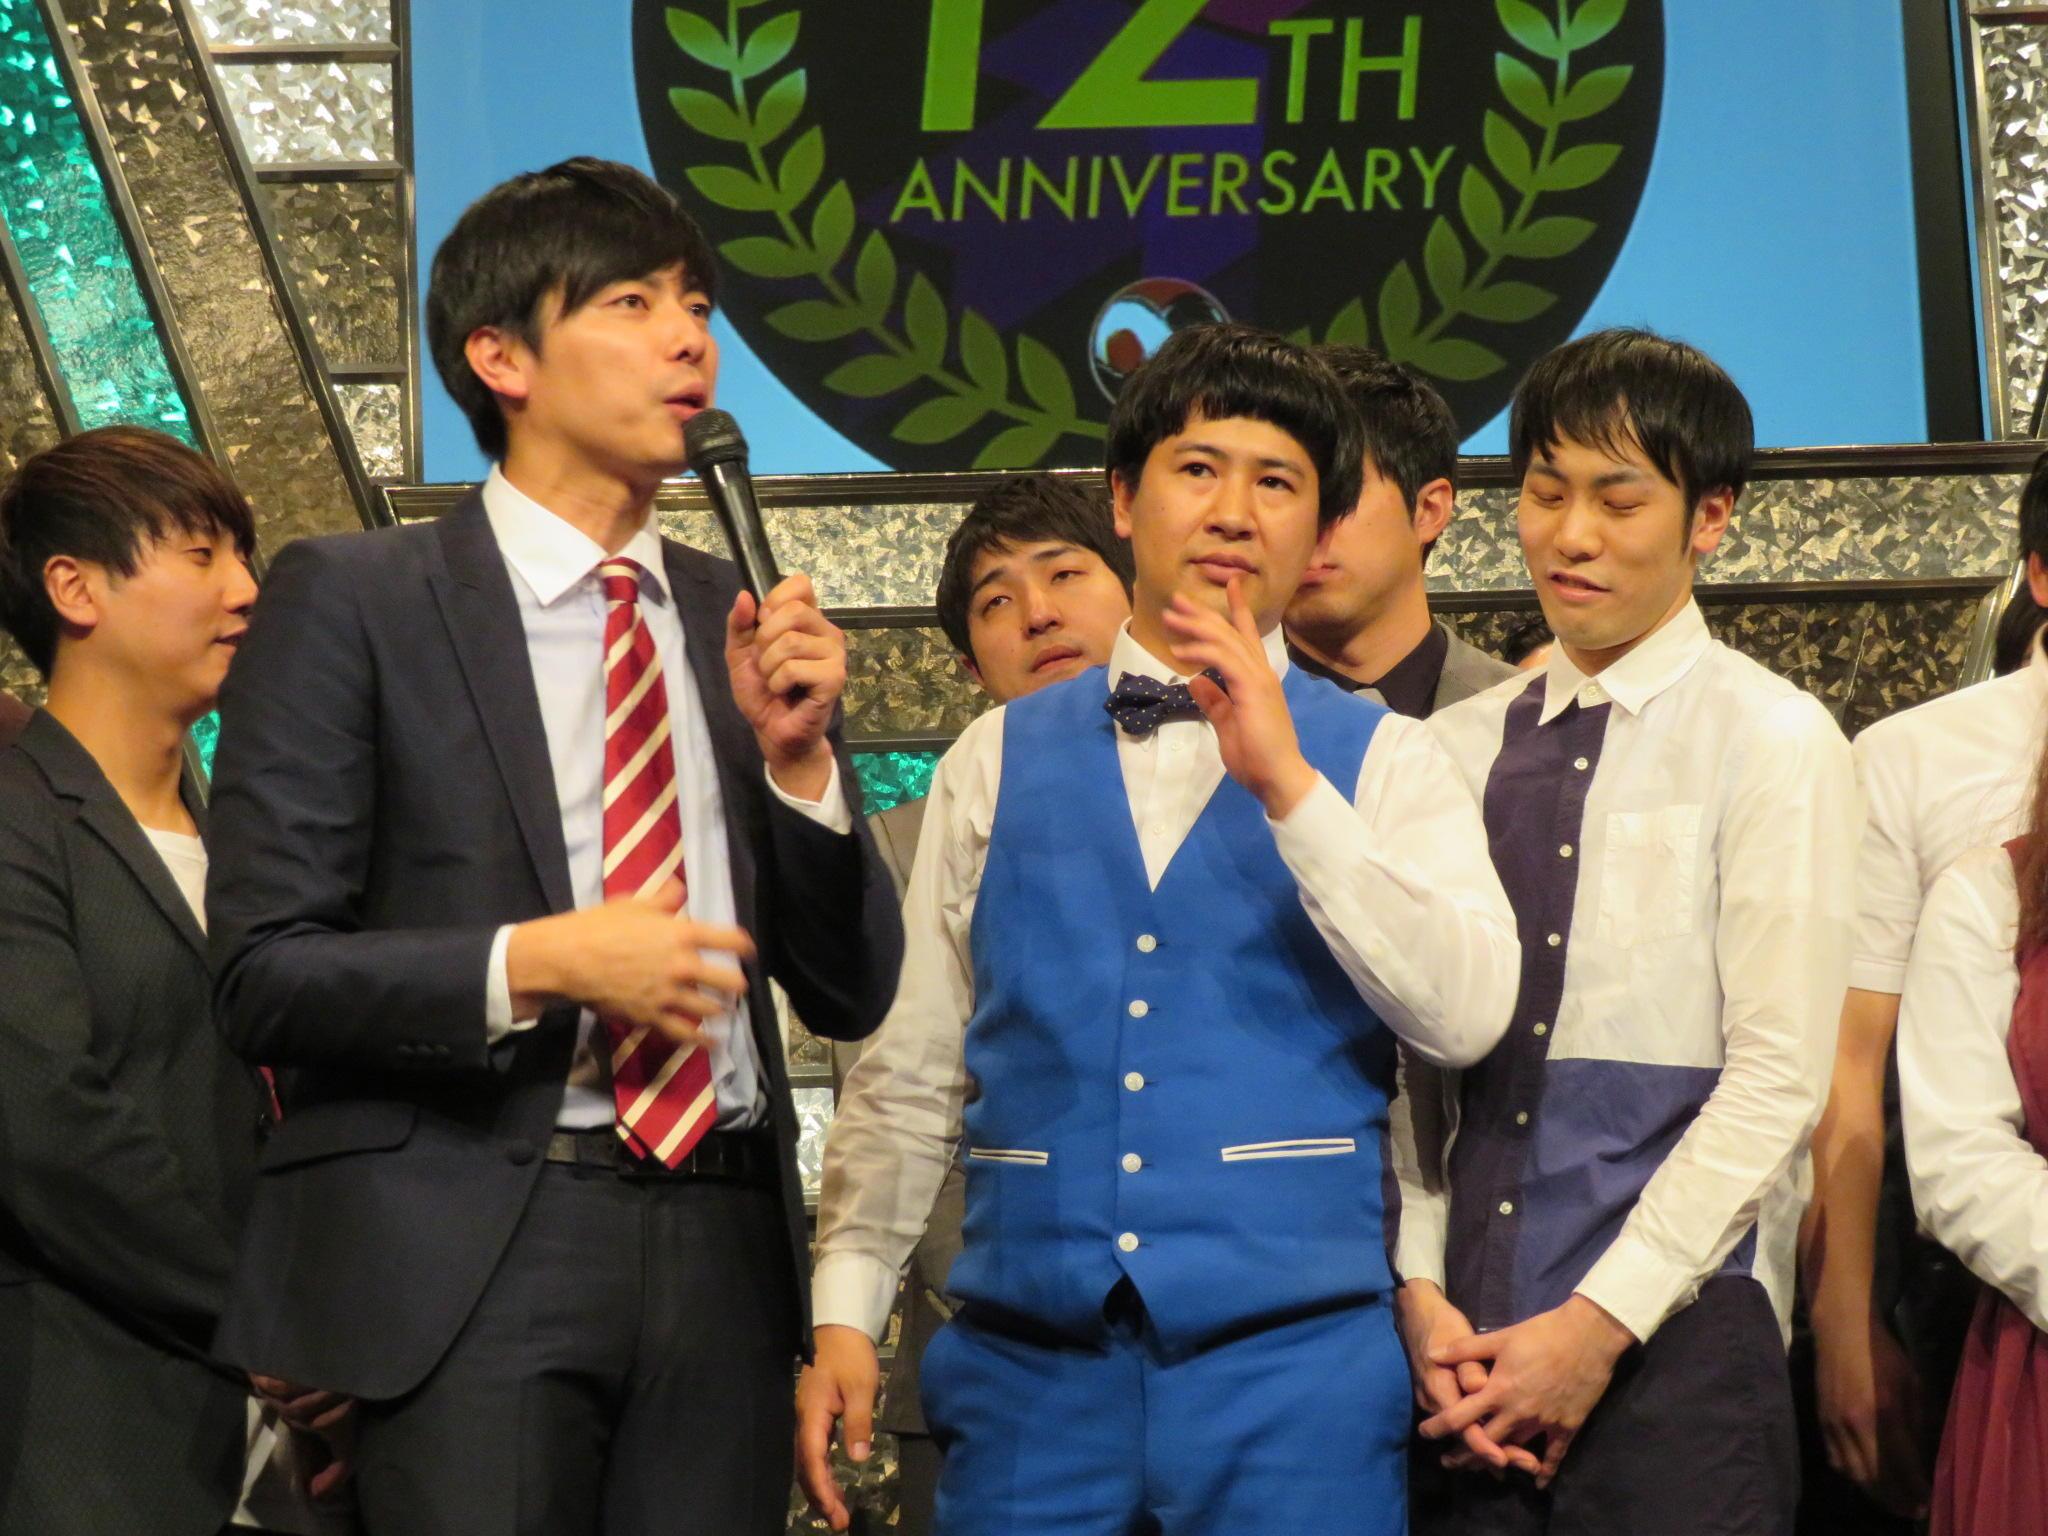 http://news.yoshimoto.co.jp/20180326005001-d1eafa8a17db43f7e791e4e78183c874069b68f6.jpg